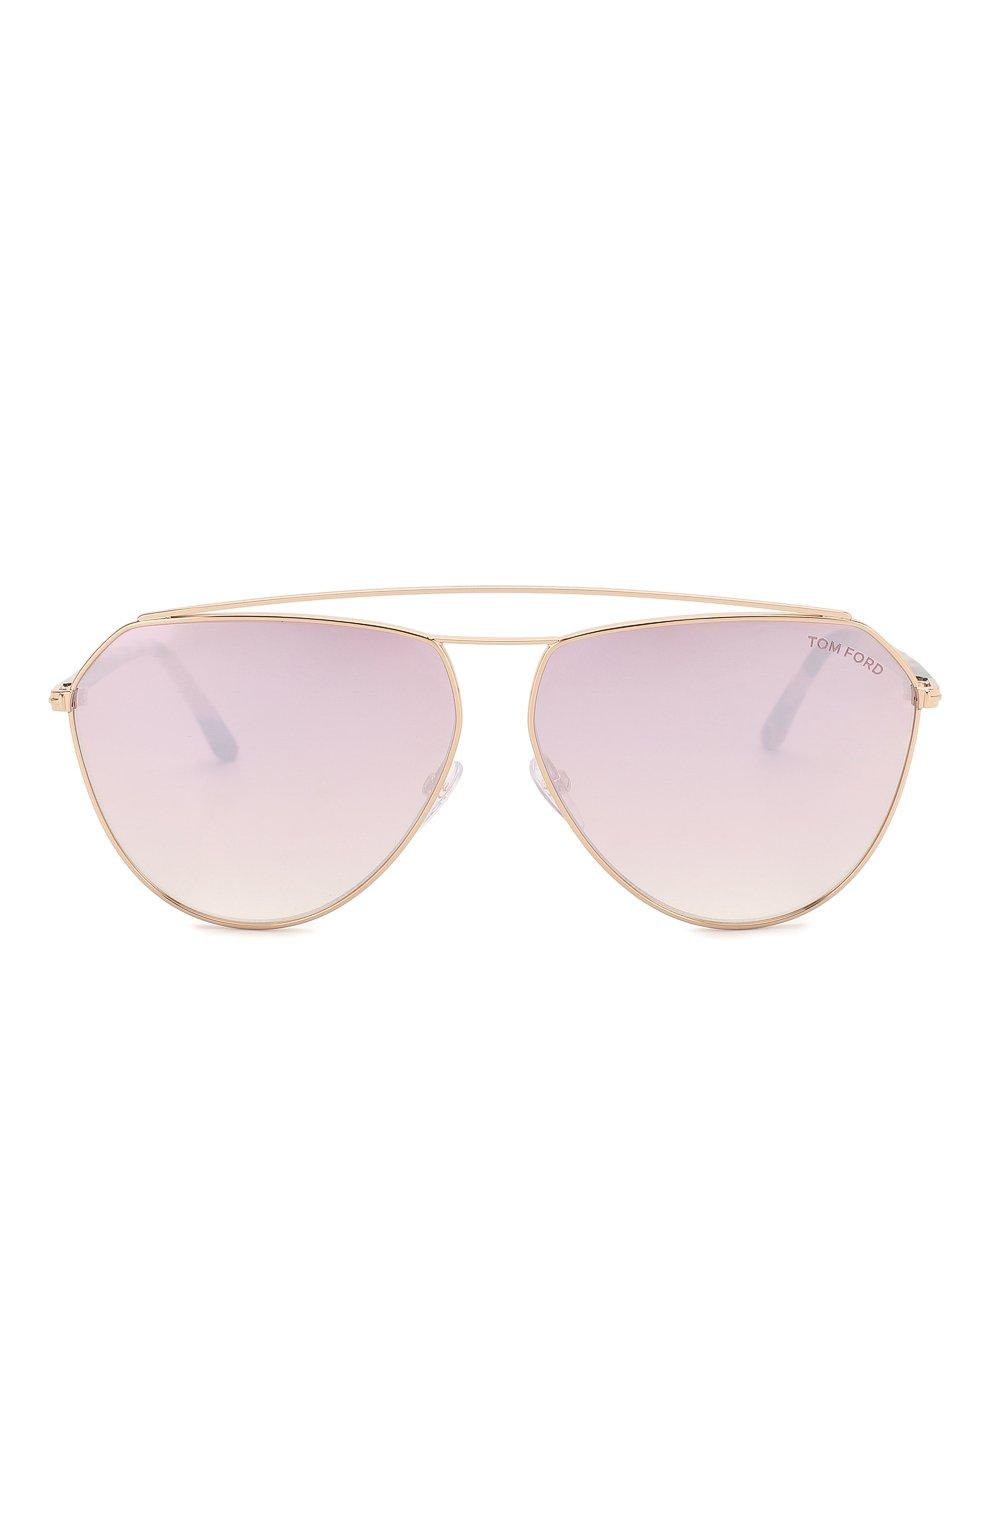 Женские солнцезащитные очки TOM FORD светло-розового цвета, арт. TF681 28Z   Фото 3